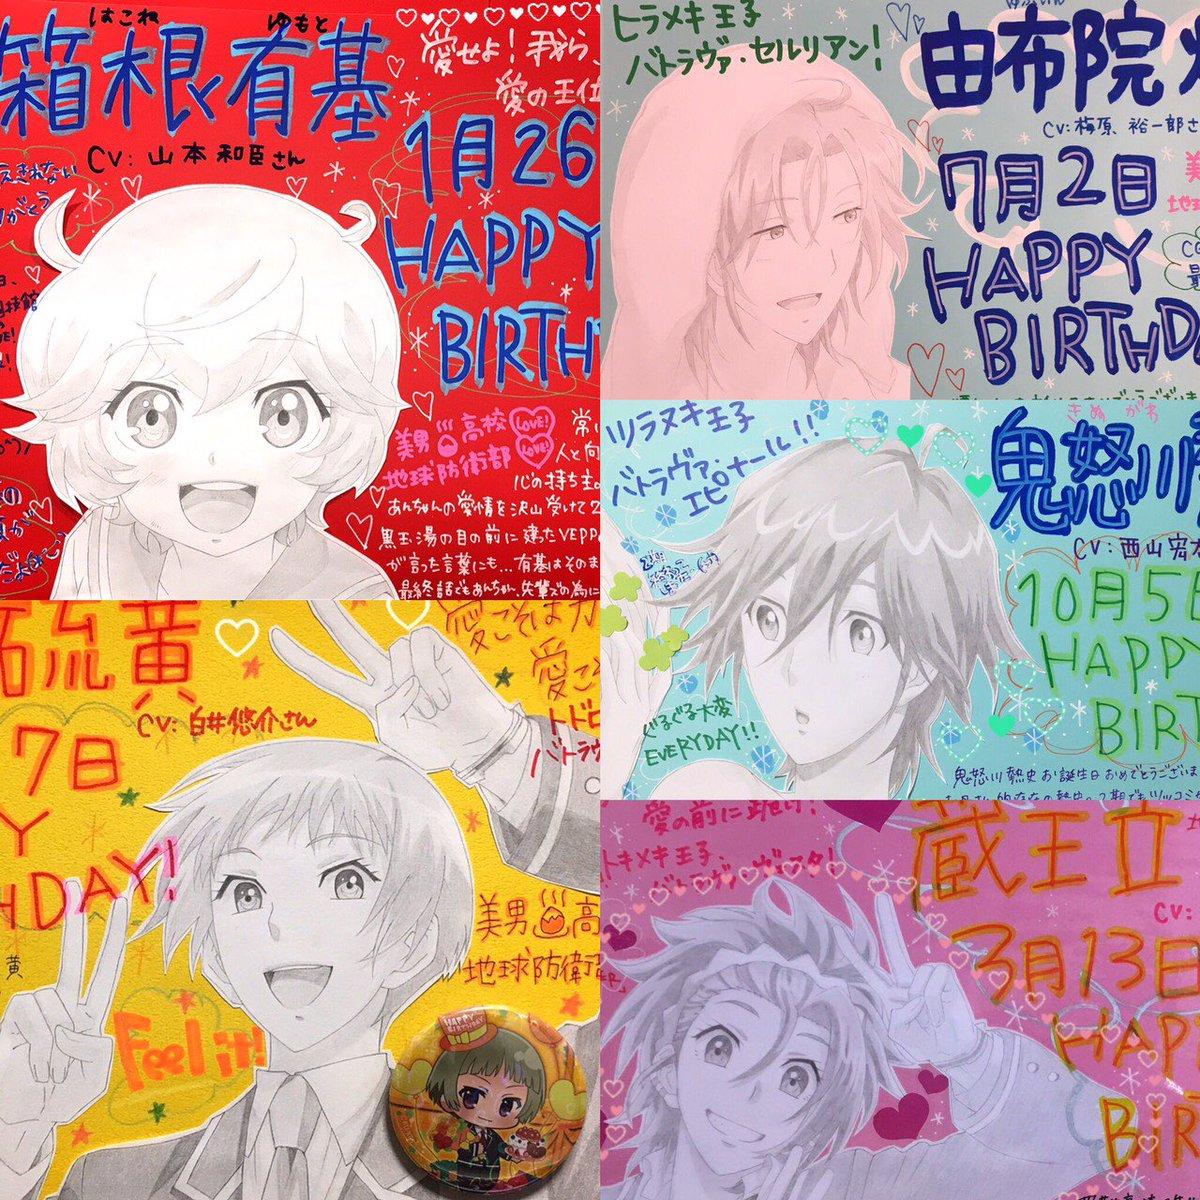 【美男高校地球防衛部LOVE!LOVE!LOVE!】8/26〜劇場公開おめでとうございます!愛が沢山溢れる作品で大きなス